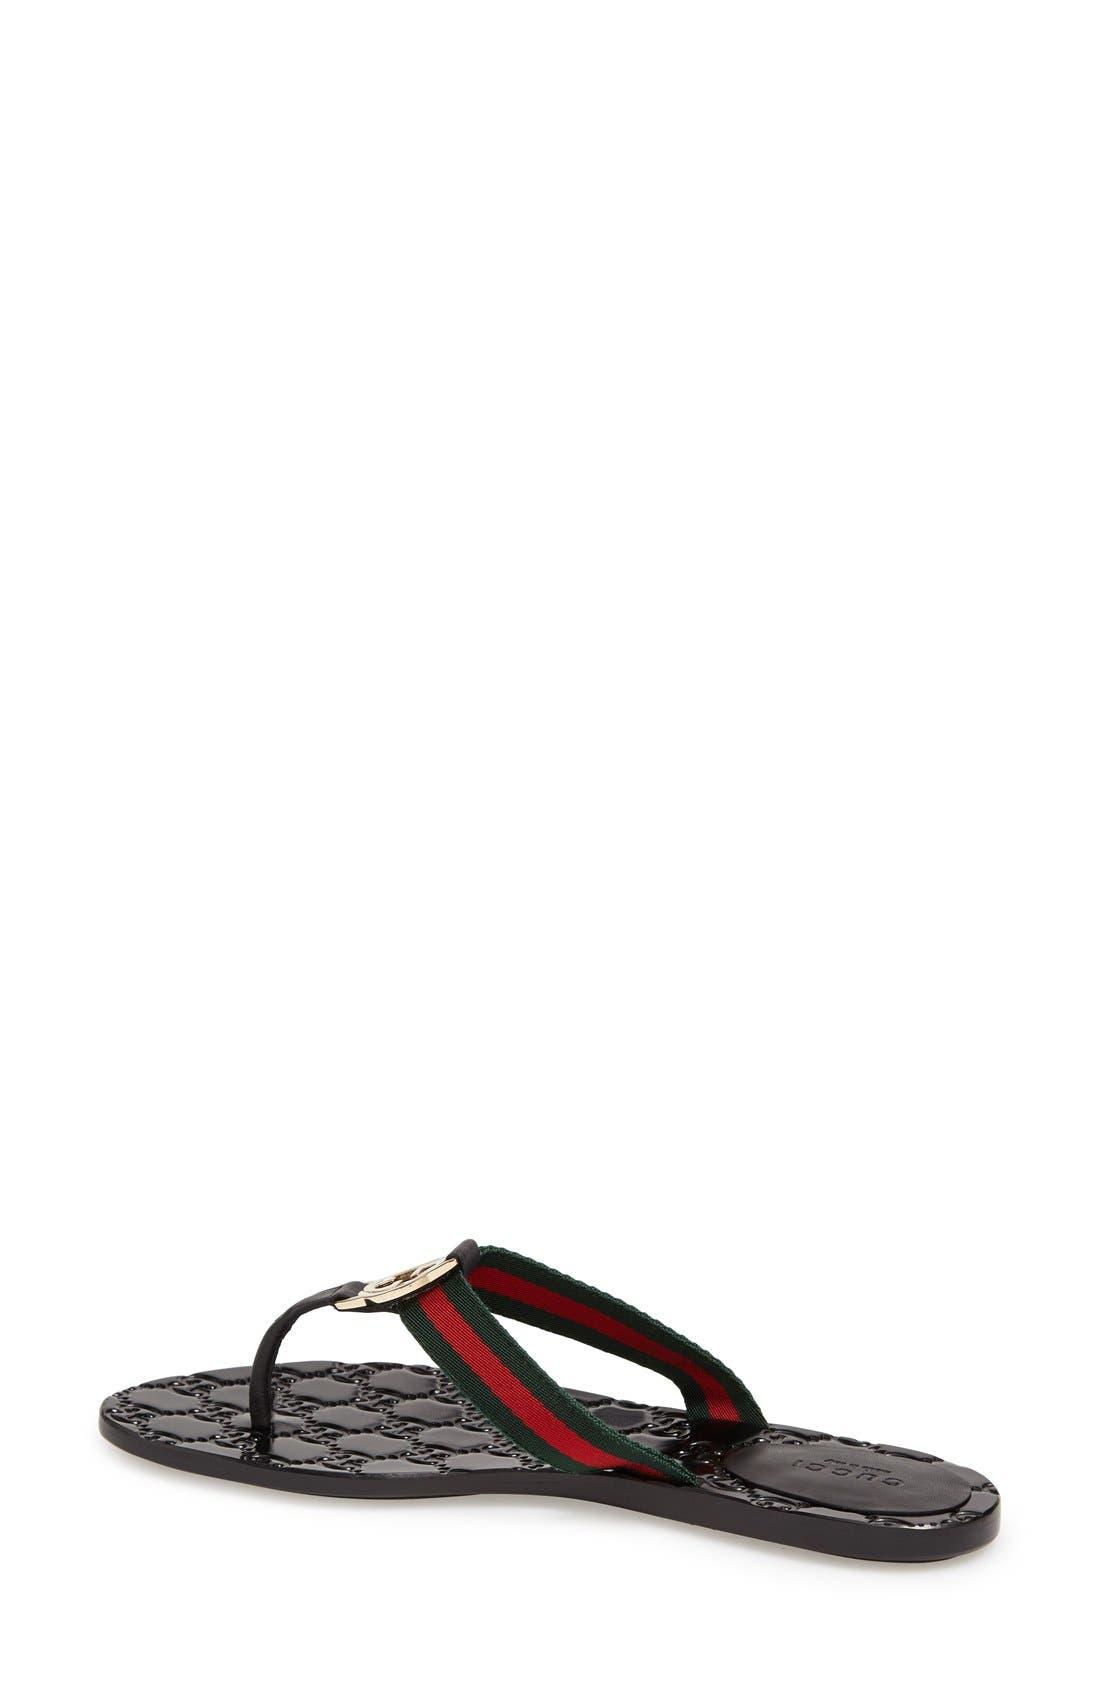 'GG' Logo Sandal,                             Alternate thumbnail 2, color,                             Nero